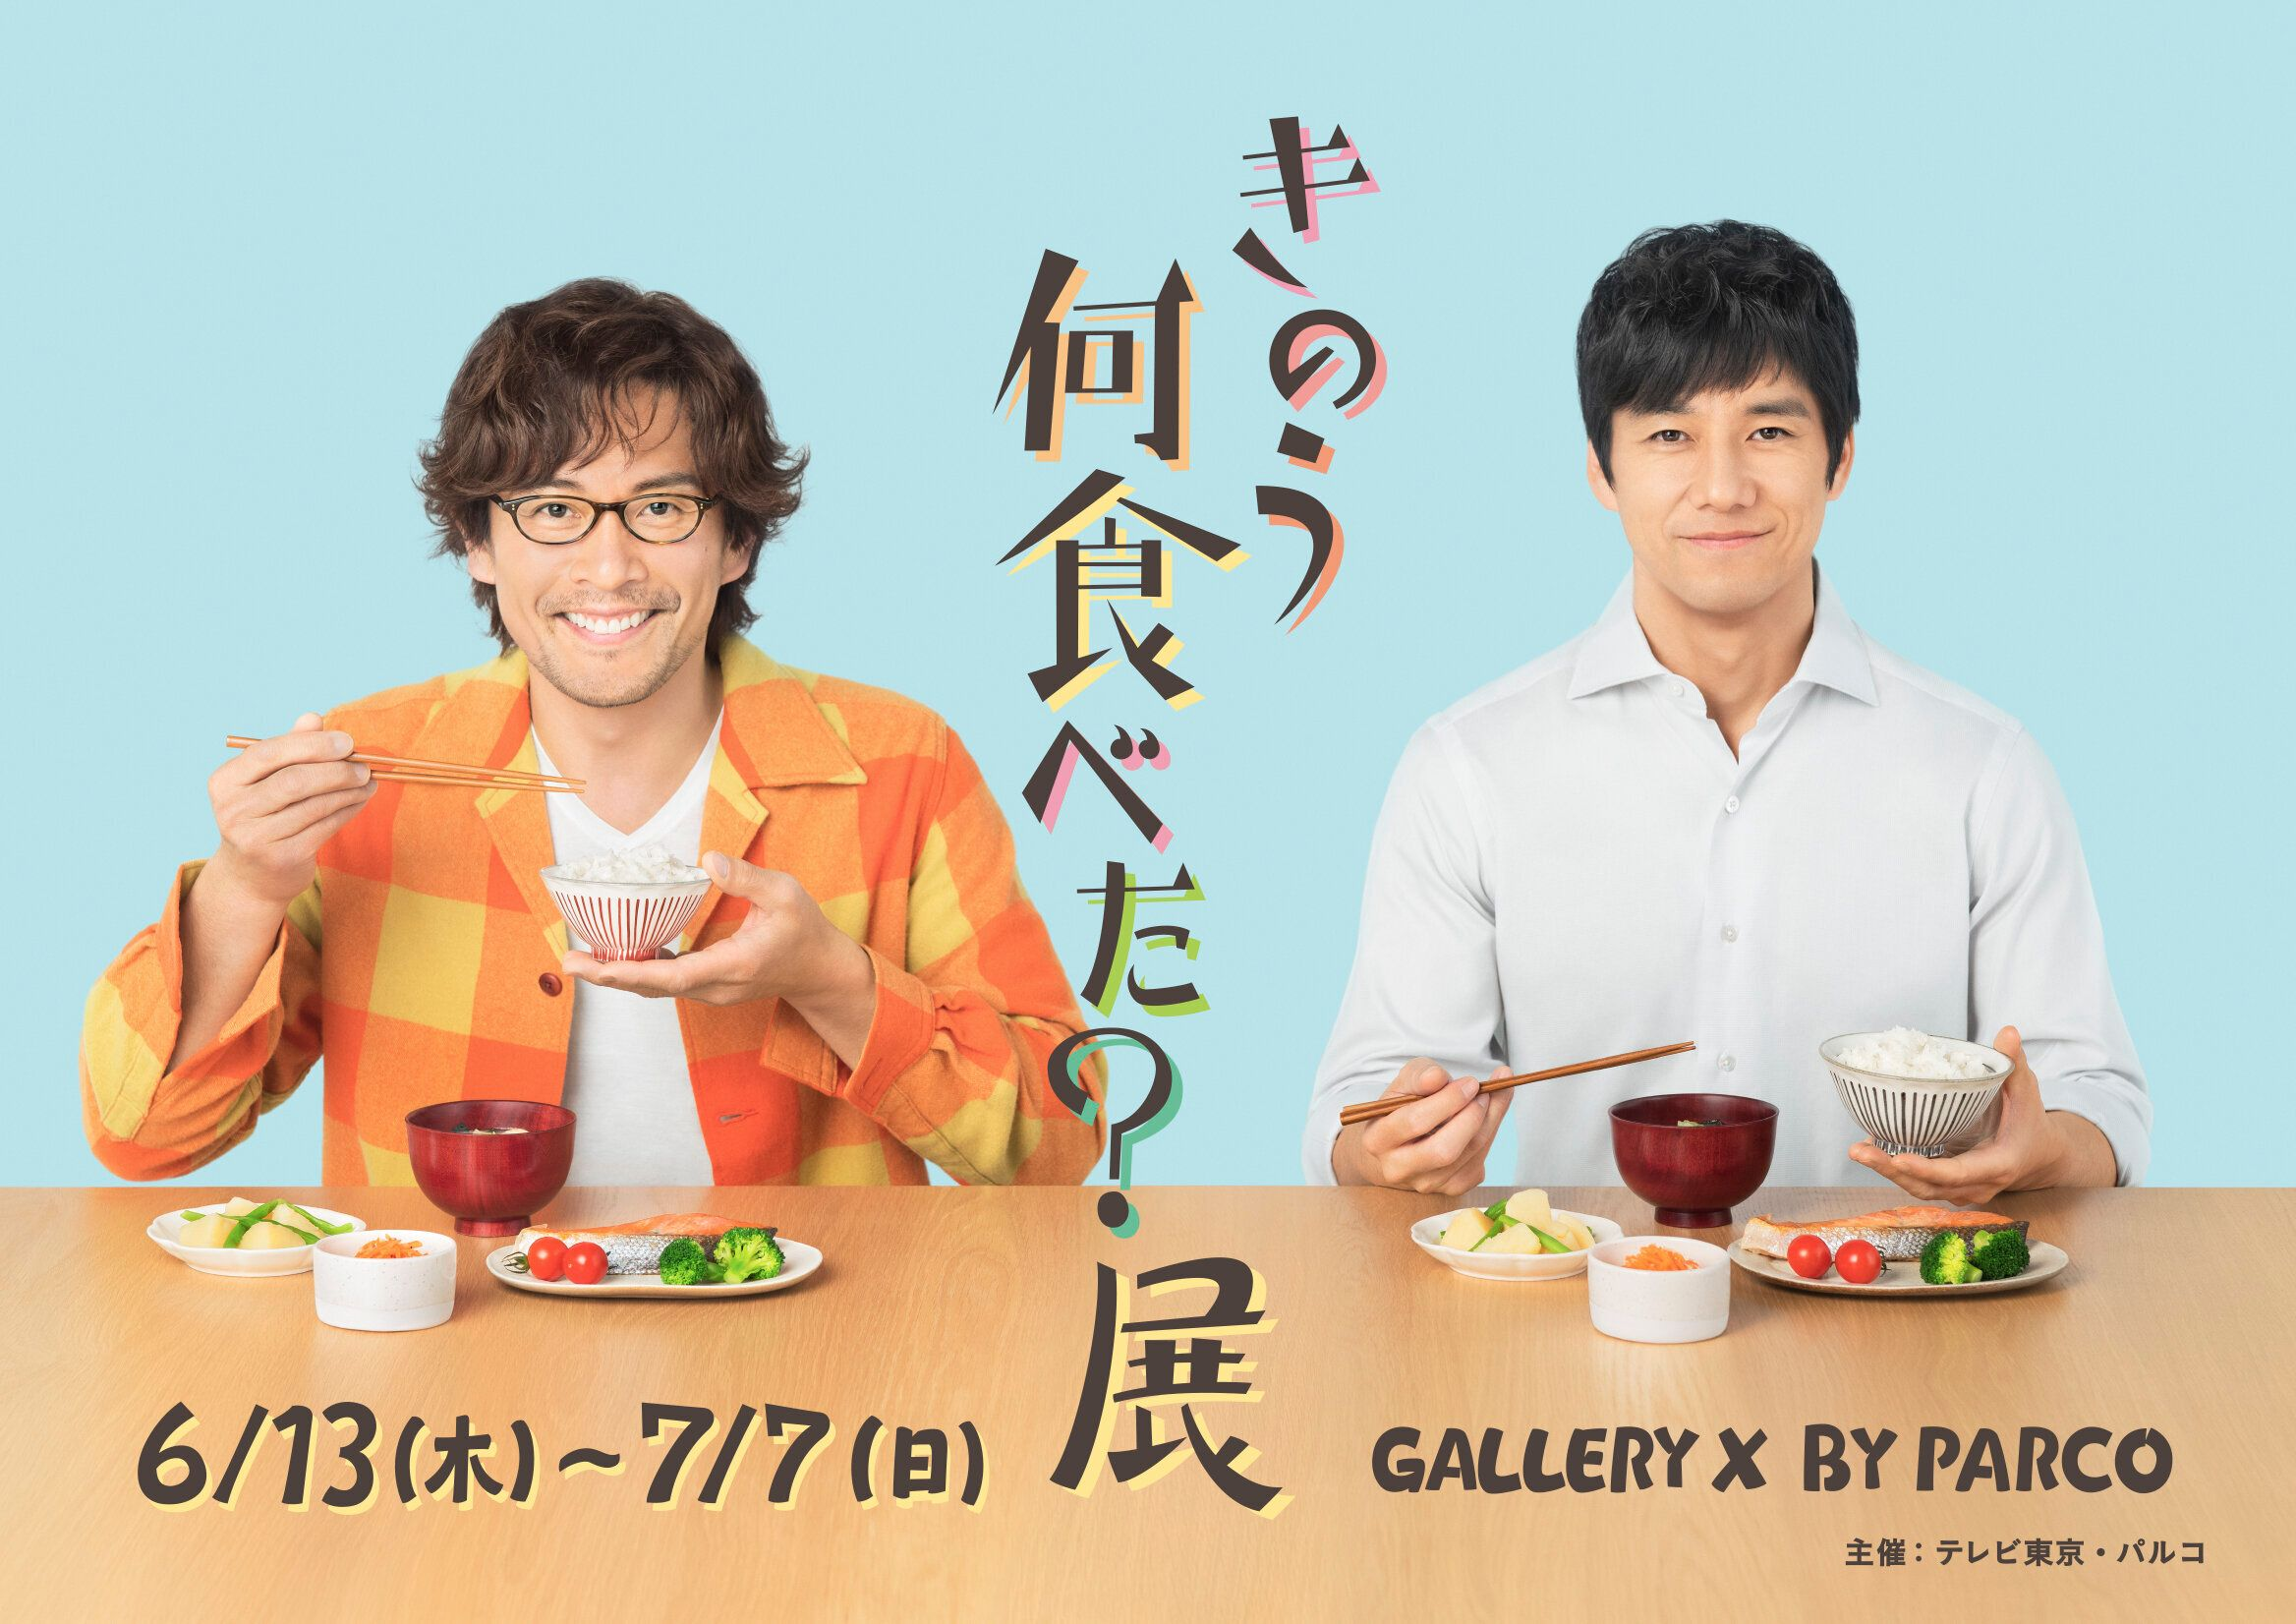 「きのう何食べた?」が展覧会に 男性カップルの食卓をほのぼのと描く人気ドラマの世界を再現